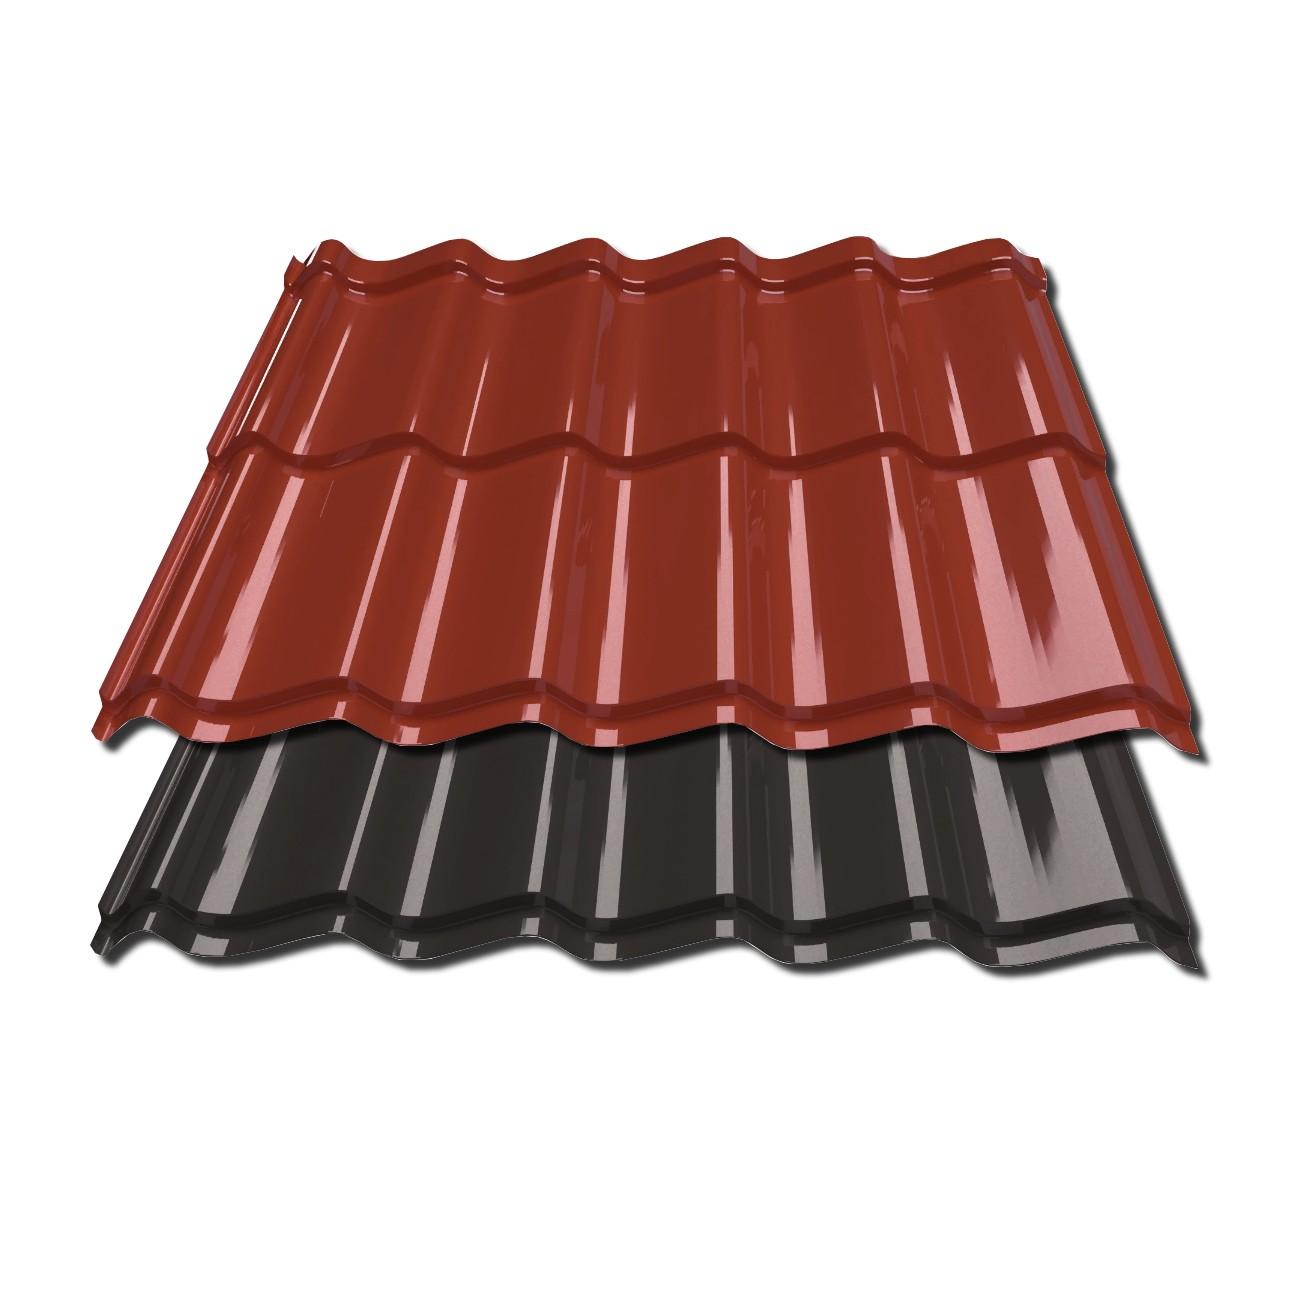 Flachblech St/ärke 0,50 mm Kantblech Material Stahl Beschichtung 25 /µm Dachblech Farbe Enzianblau